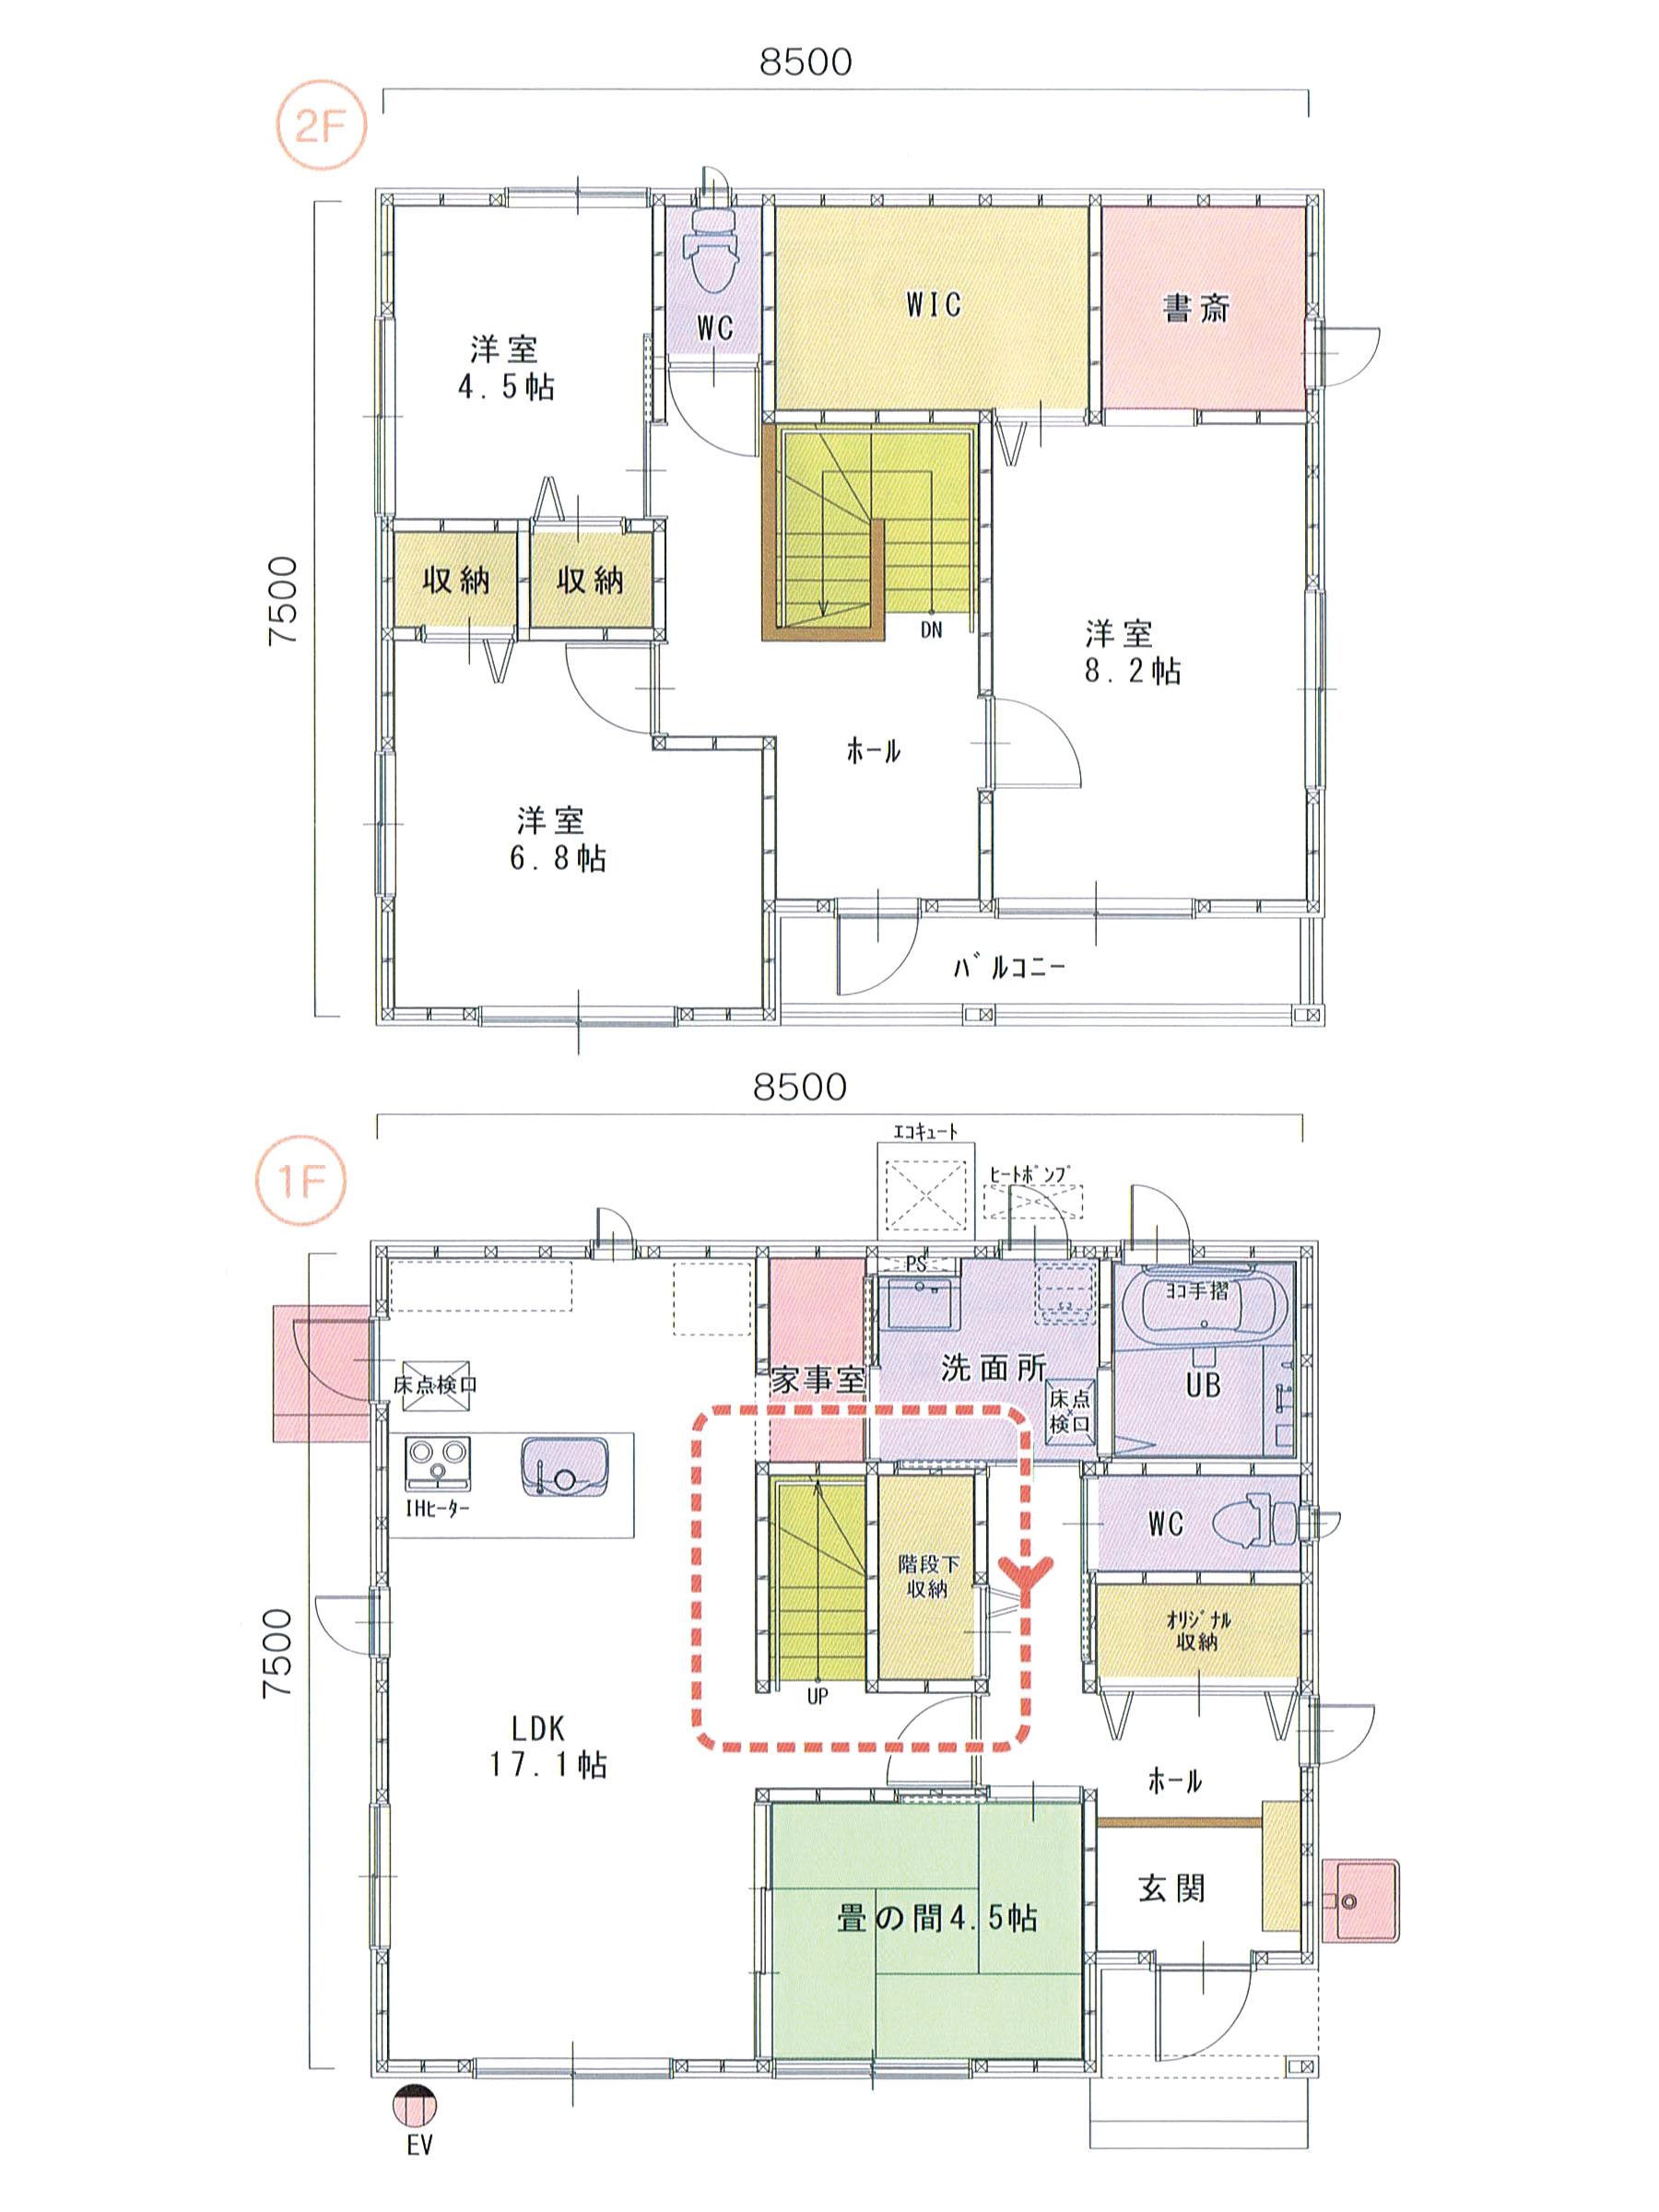 プランK-11 スモリの家